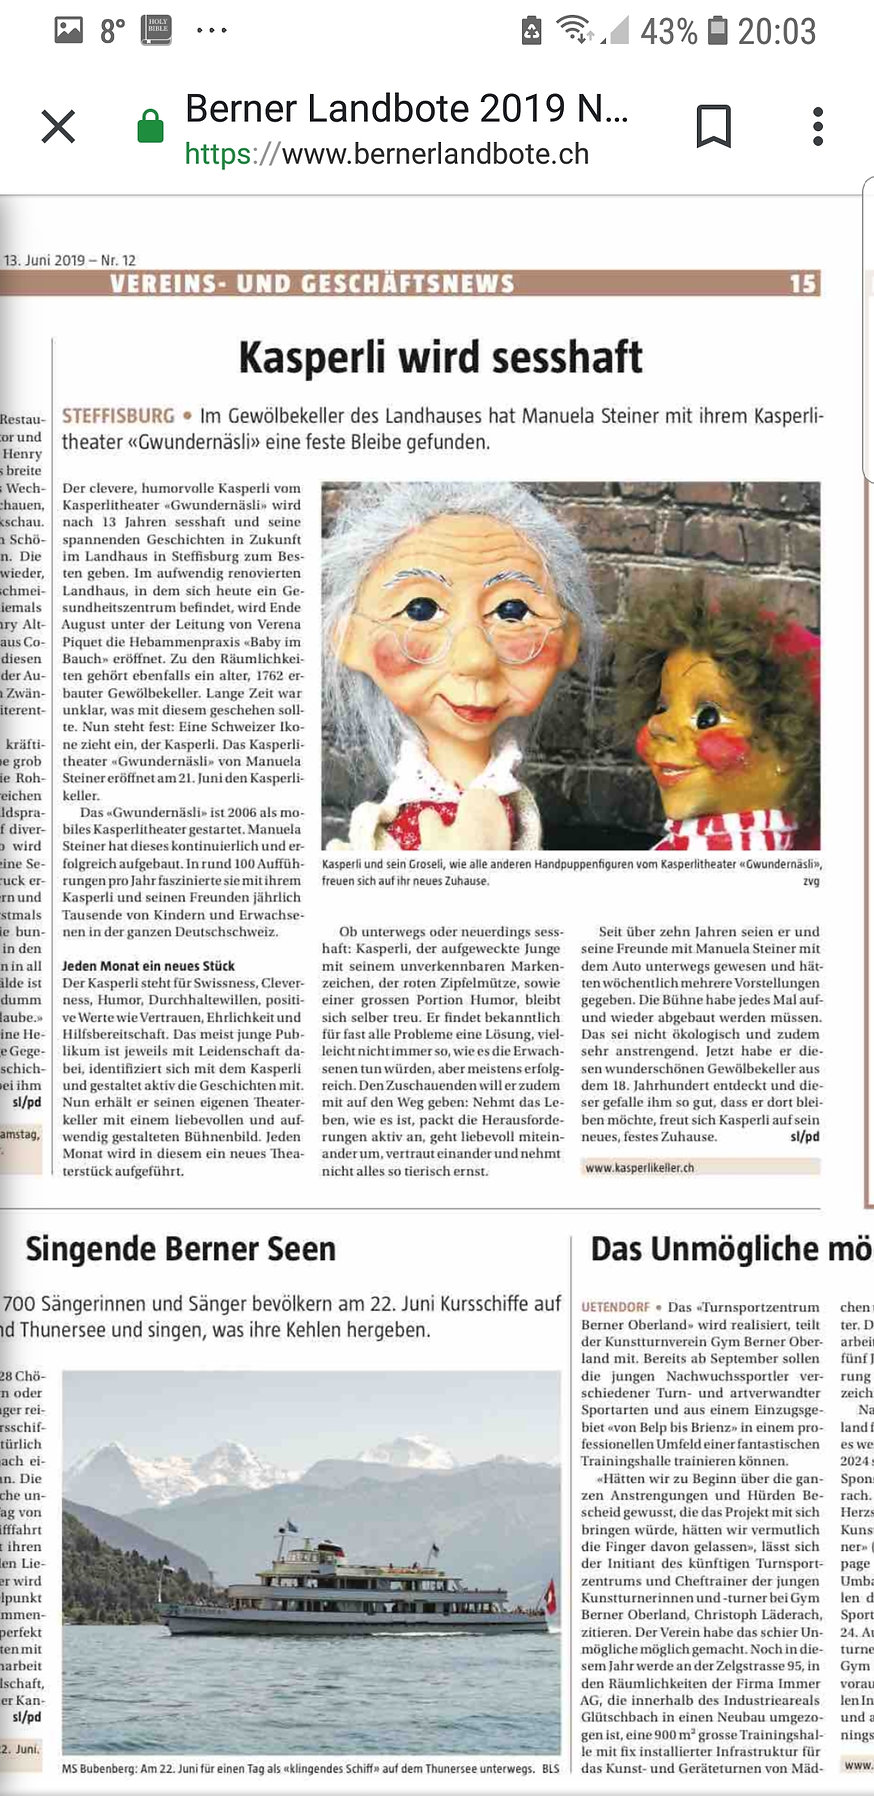 Zeitungsartikel im Berner Landbote.jpg